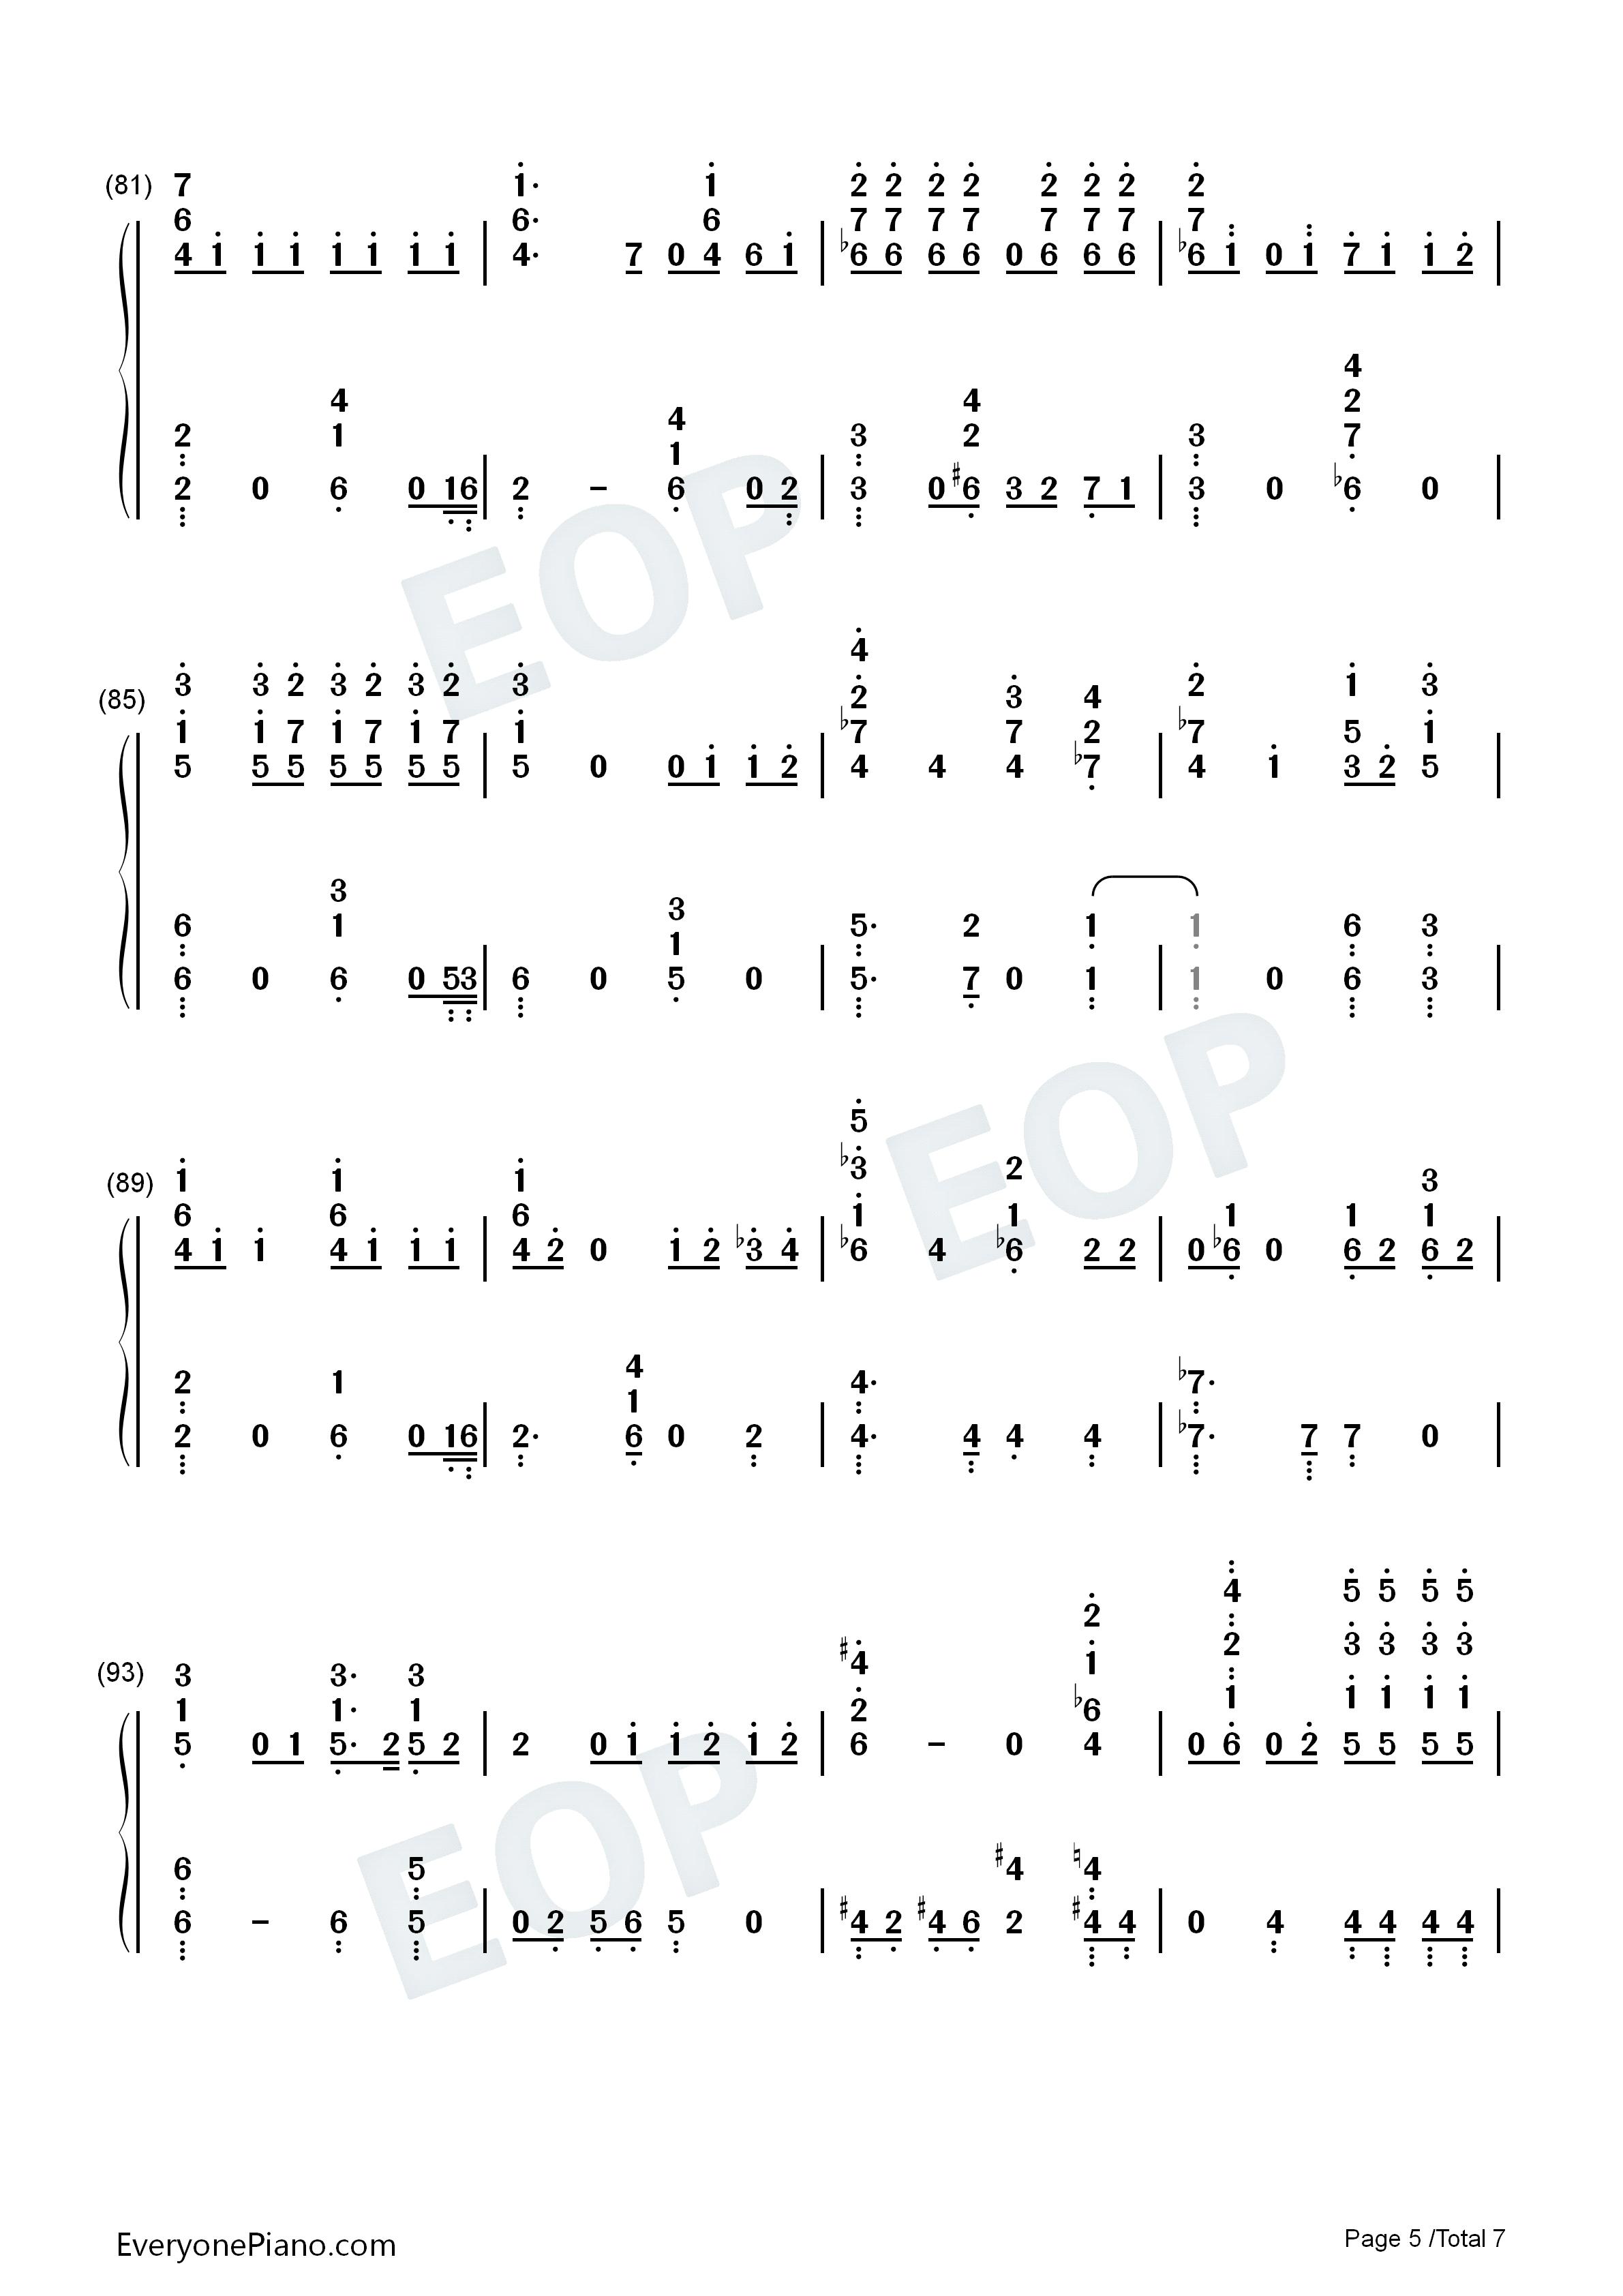 moonlight-月光-exo 双手简谱预览5